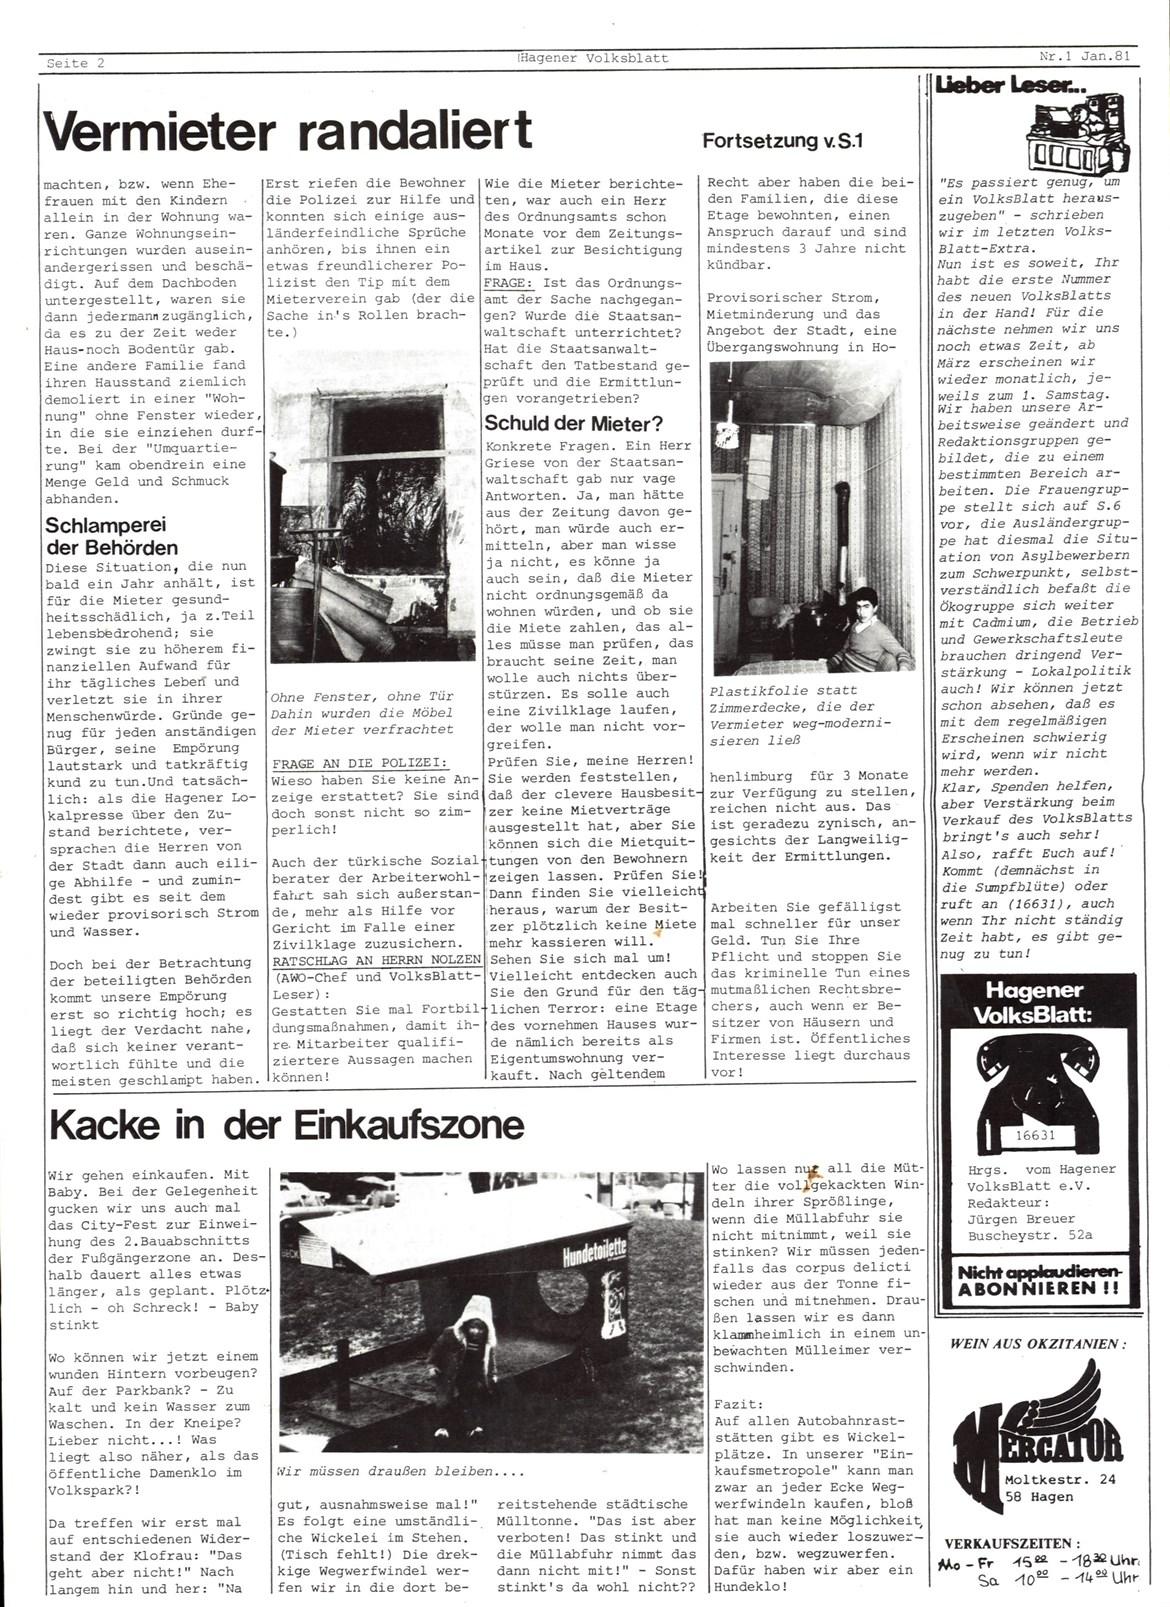 Hagen_Volksblatt_19810100_02